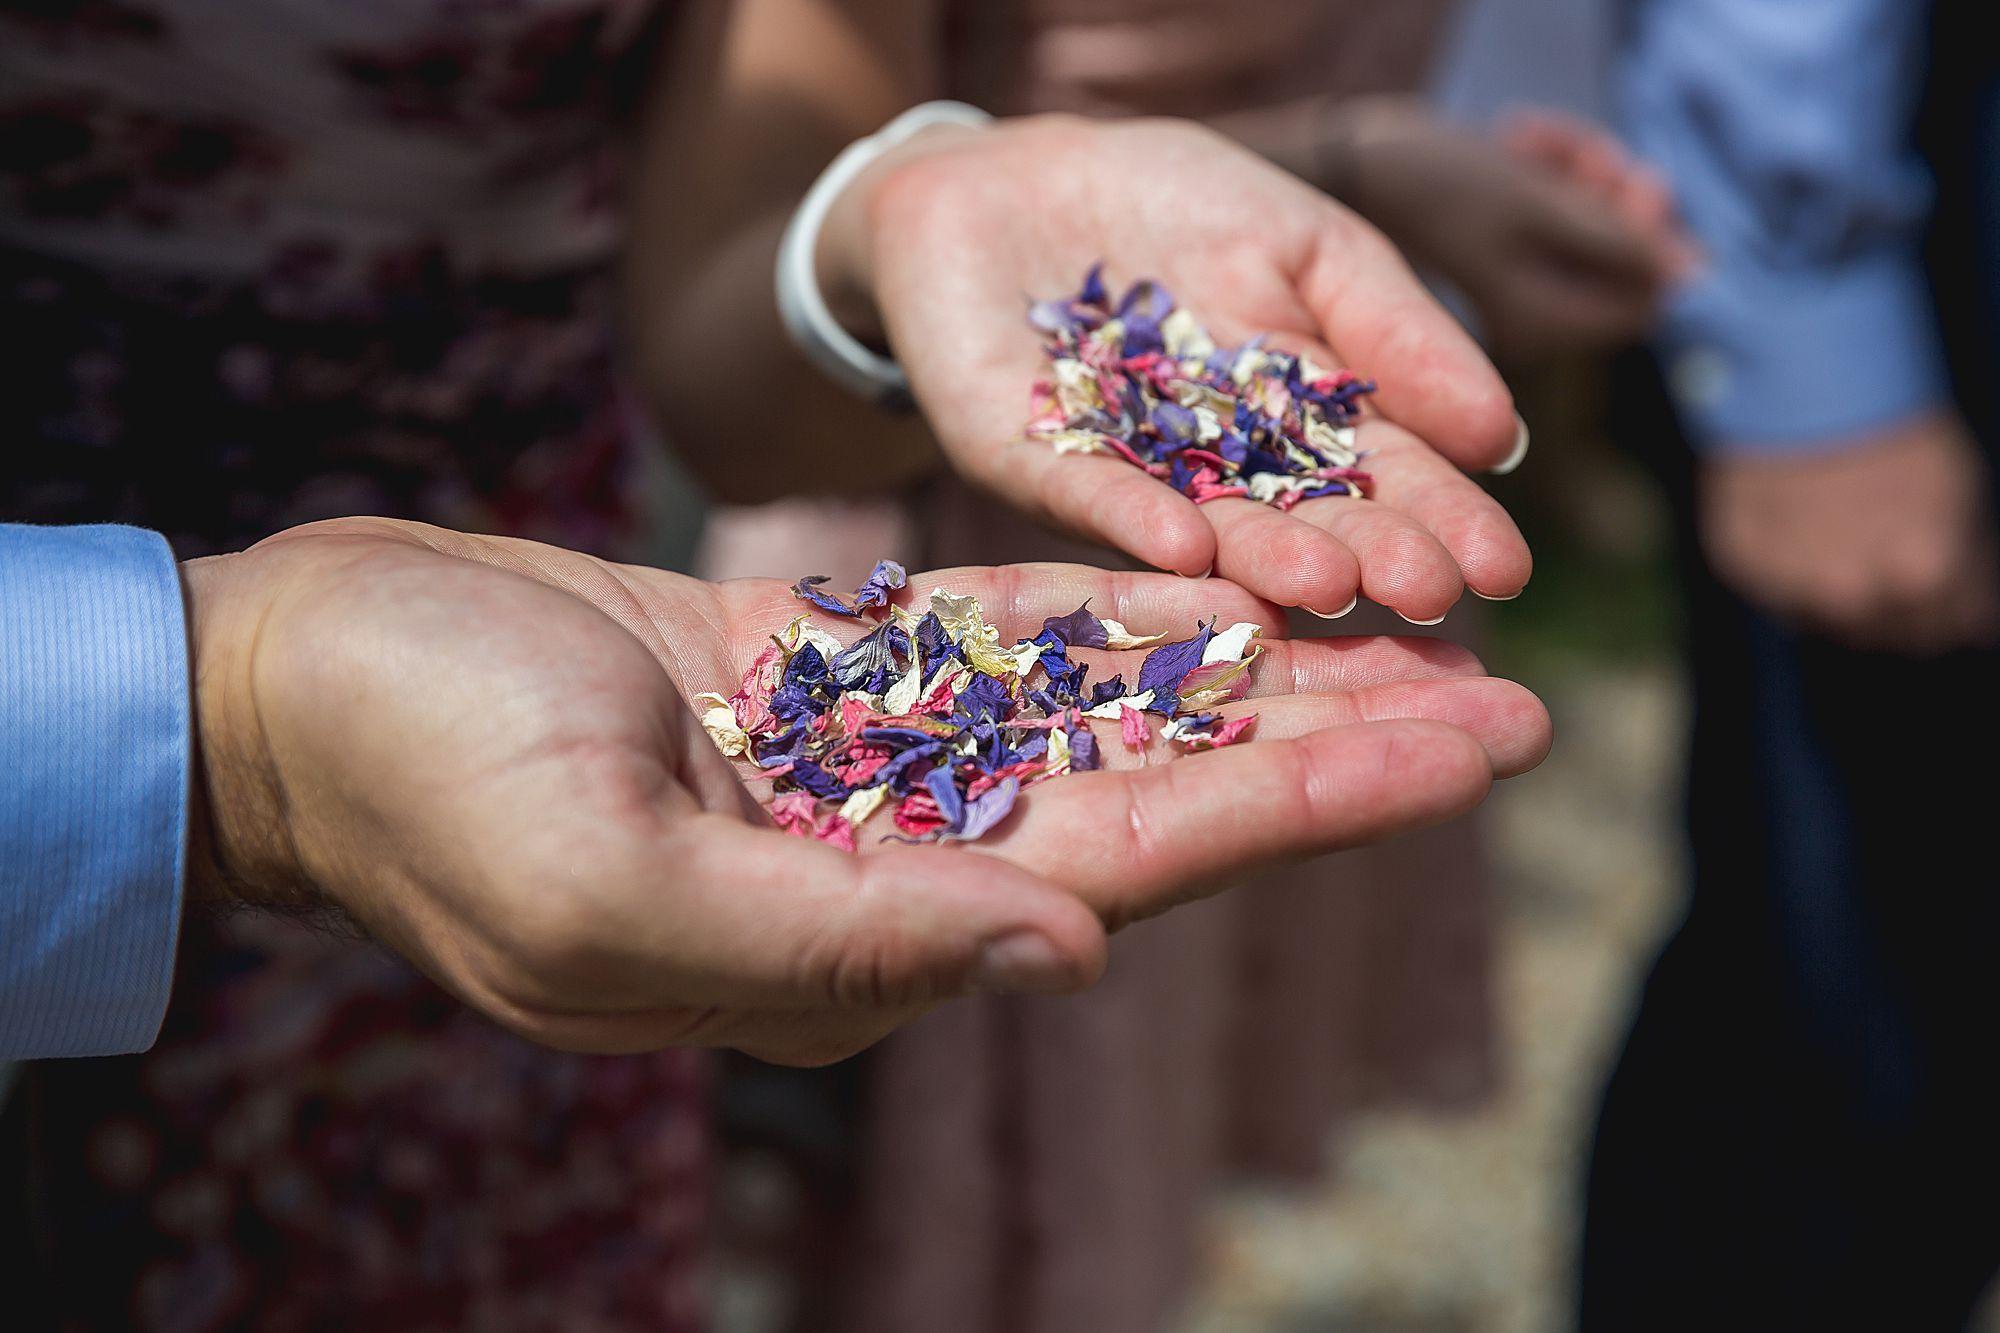 confetti in a hand